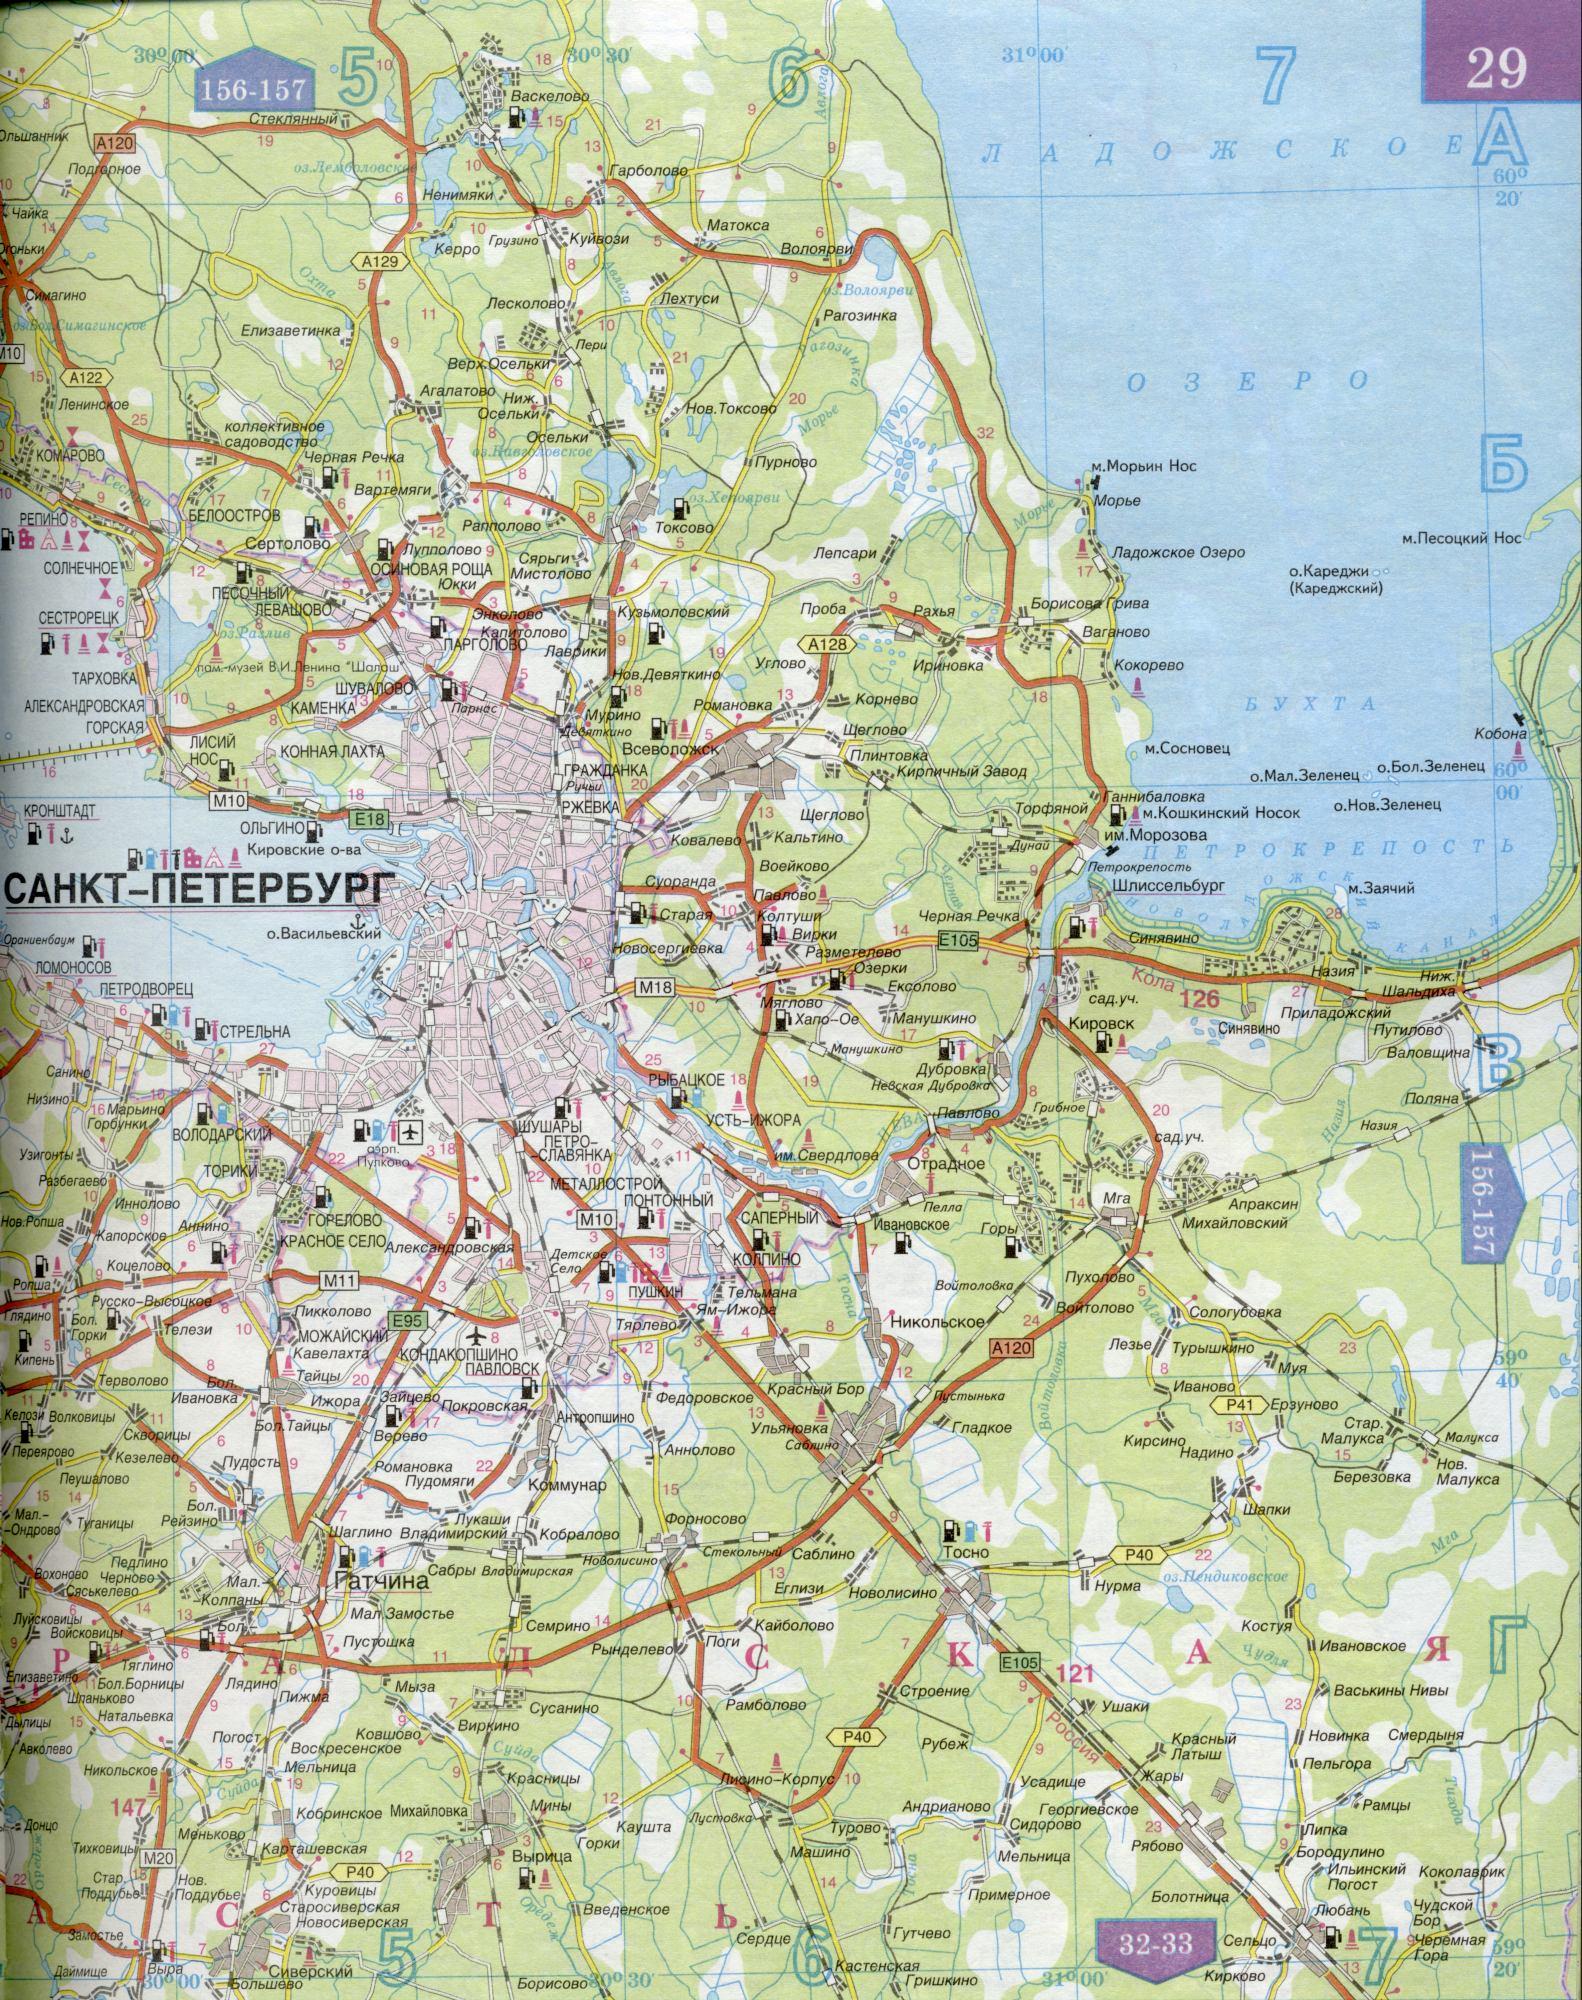 Схема железных дорог ленинградской области